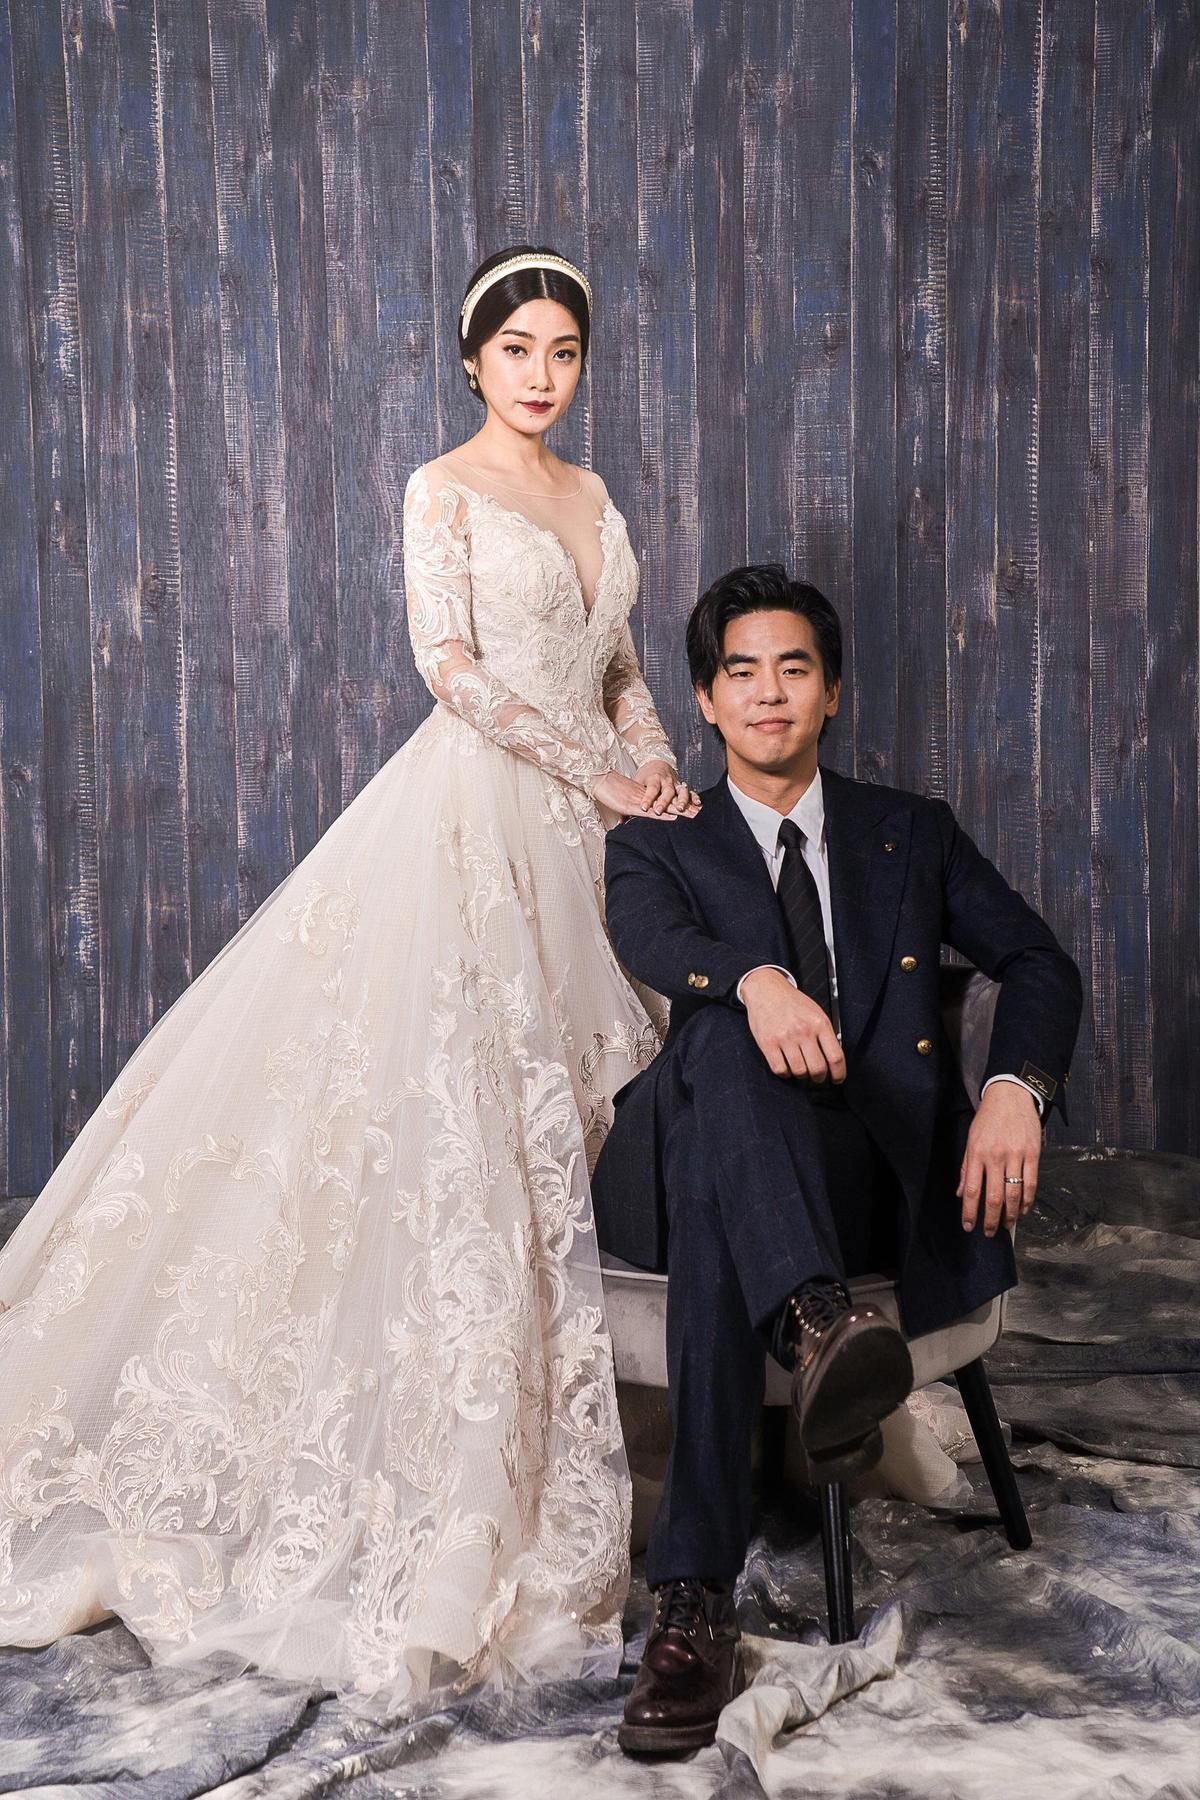 柯有倫的婚紗照曝光,看得出柯有倫瘦身有成,而老婆則是身材相當婀娜。(林莉婚紗提供)